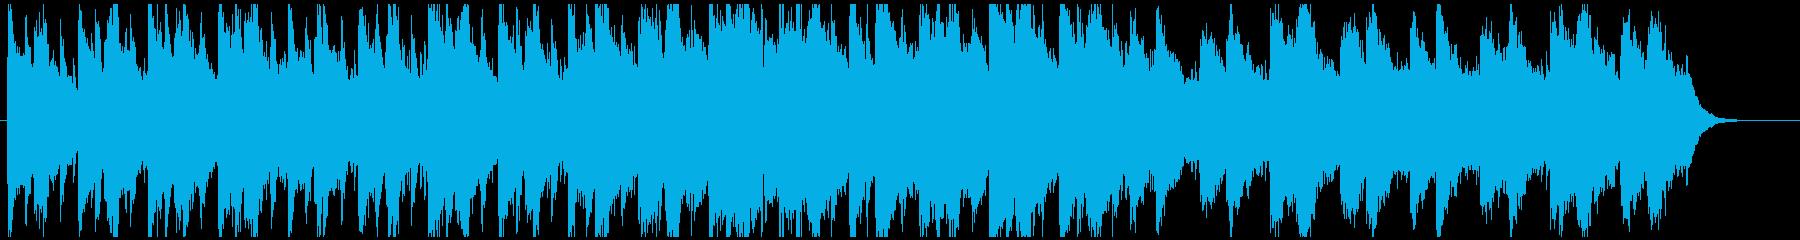 やさしくほのぼの 幻想的なチルアウトの再生済みの波形